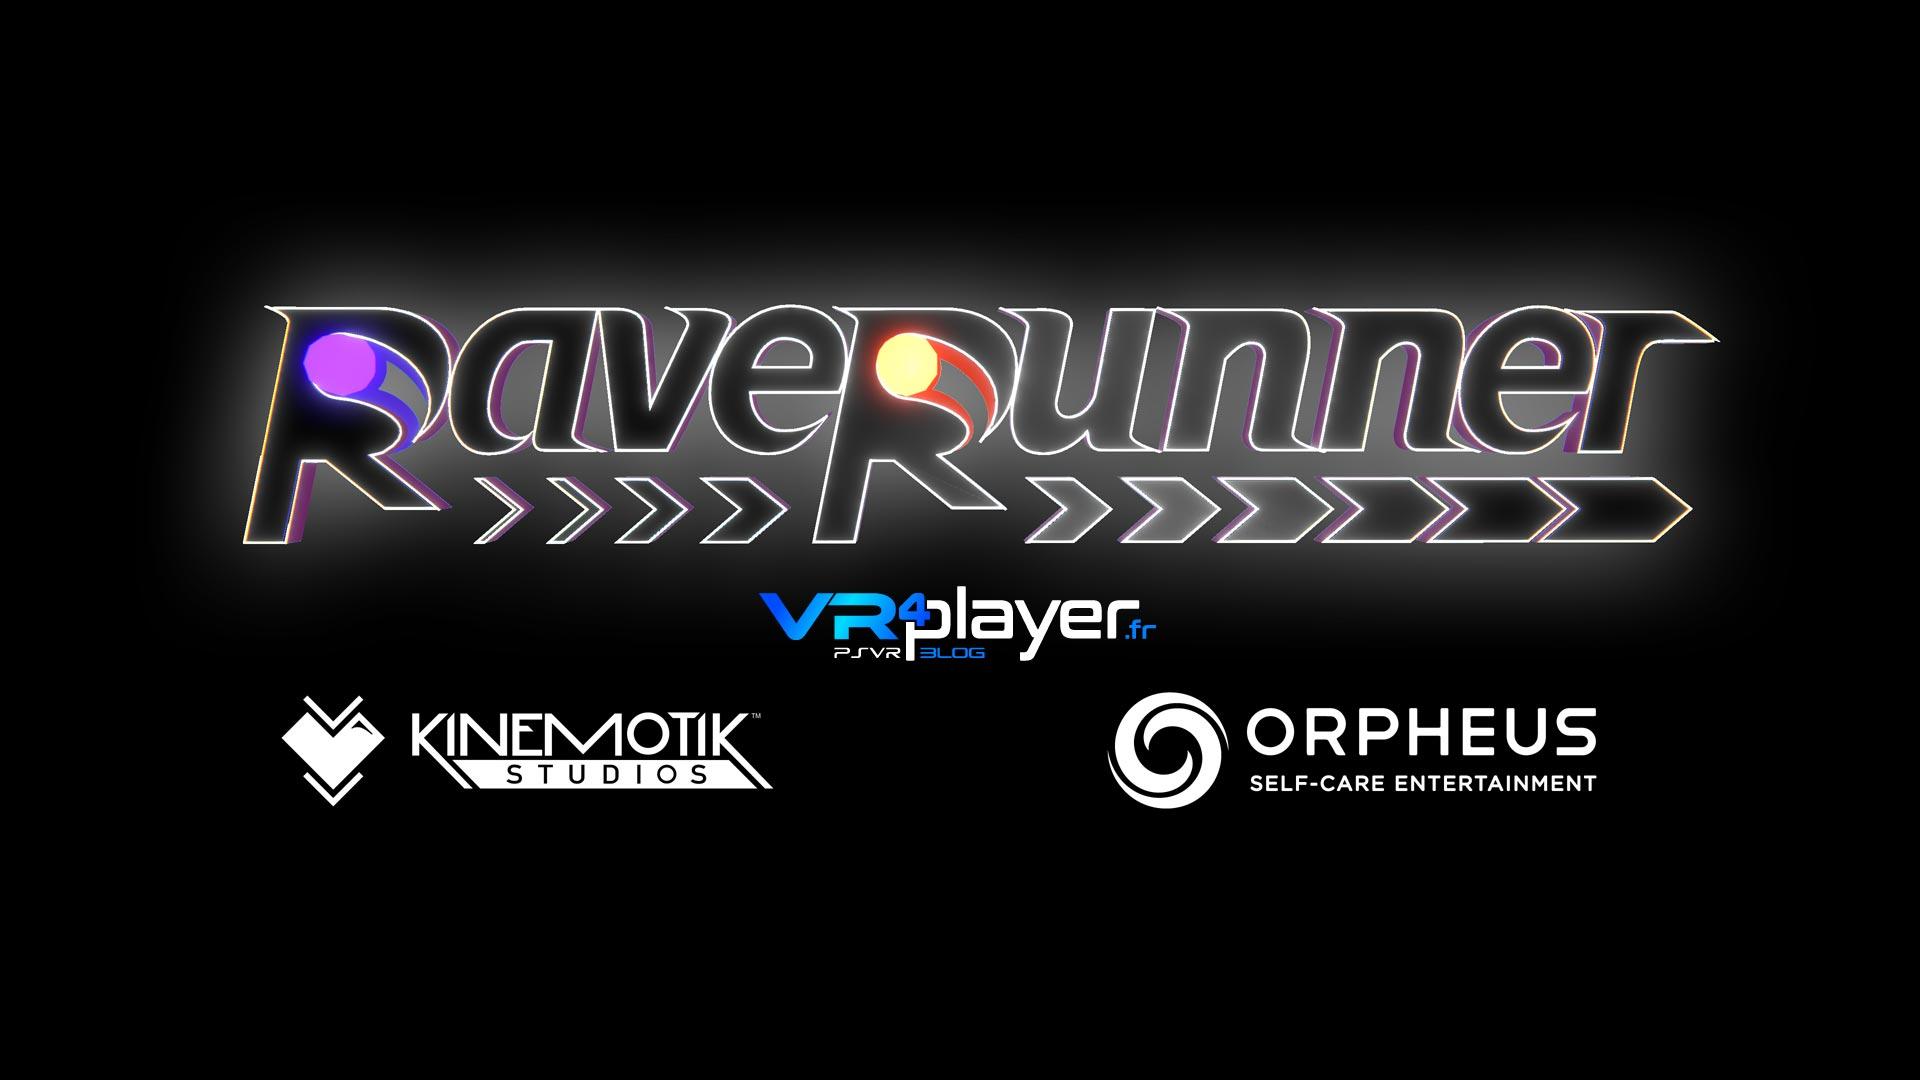 Rave Runner (VR4player.fr)